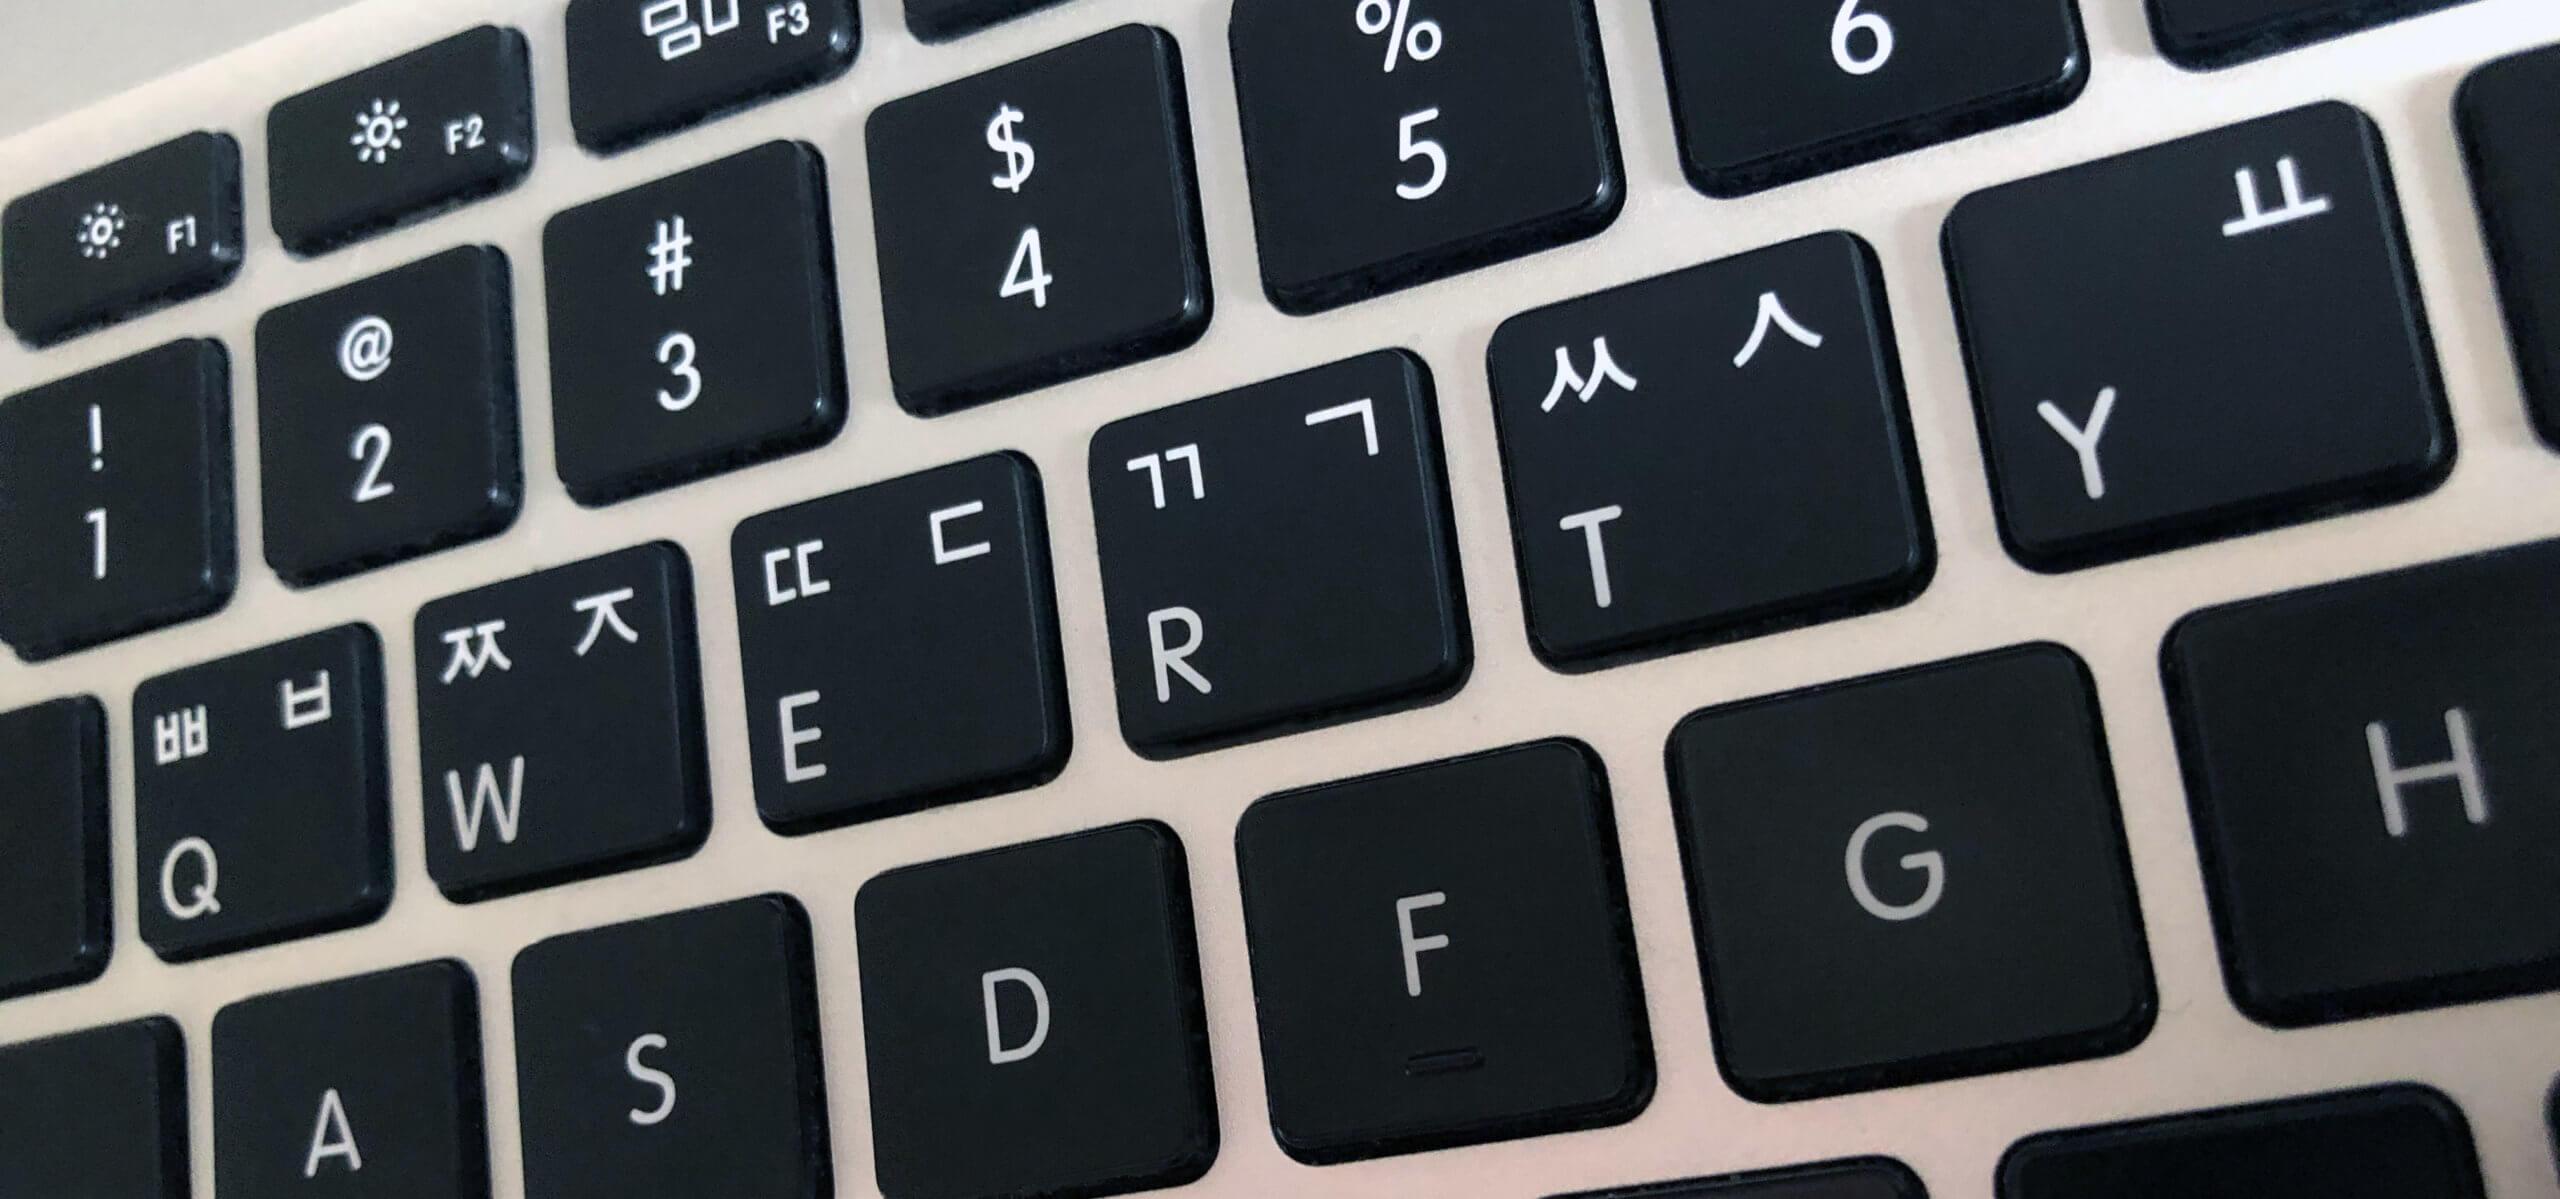 Korean Keycaps for MacBook Pro